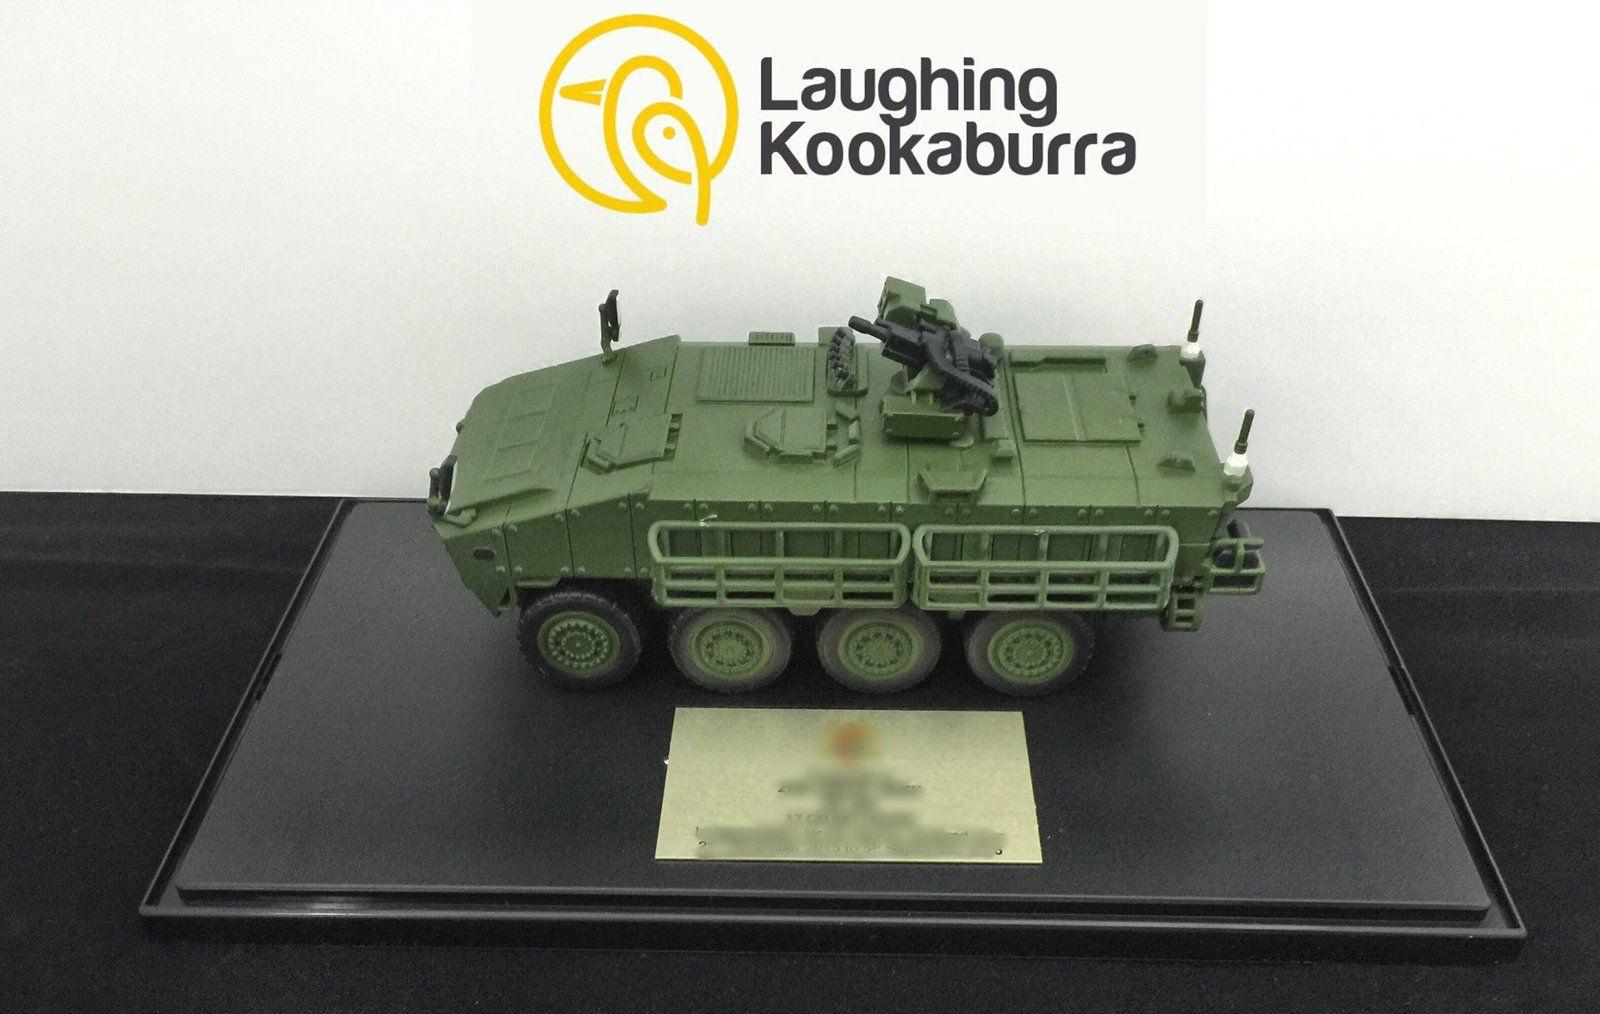 Véhicule blindé d'infanterie TERREX AV-81 (1/48 -  Laughing Kookaburra)